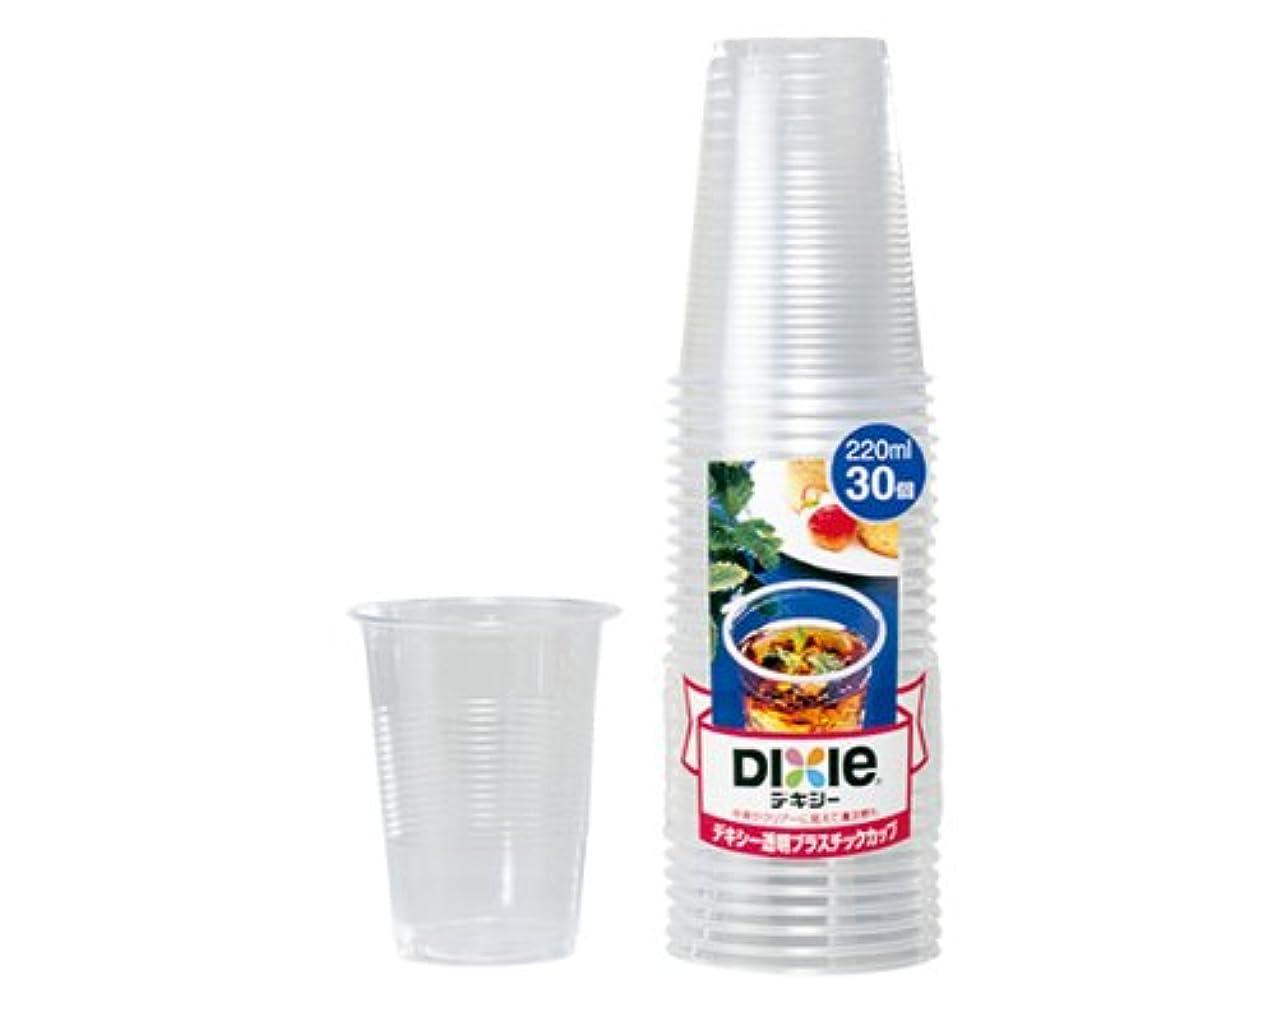 協力的ファンブルレンダー日本デキシー 透明プラスチュックカップ 220ml 30個